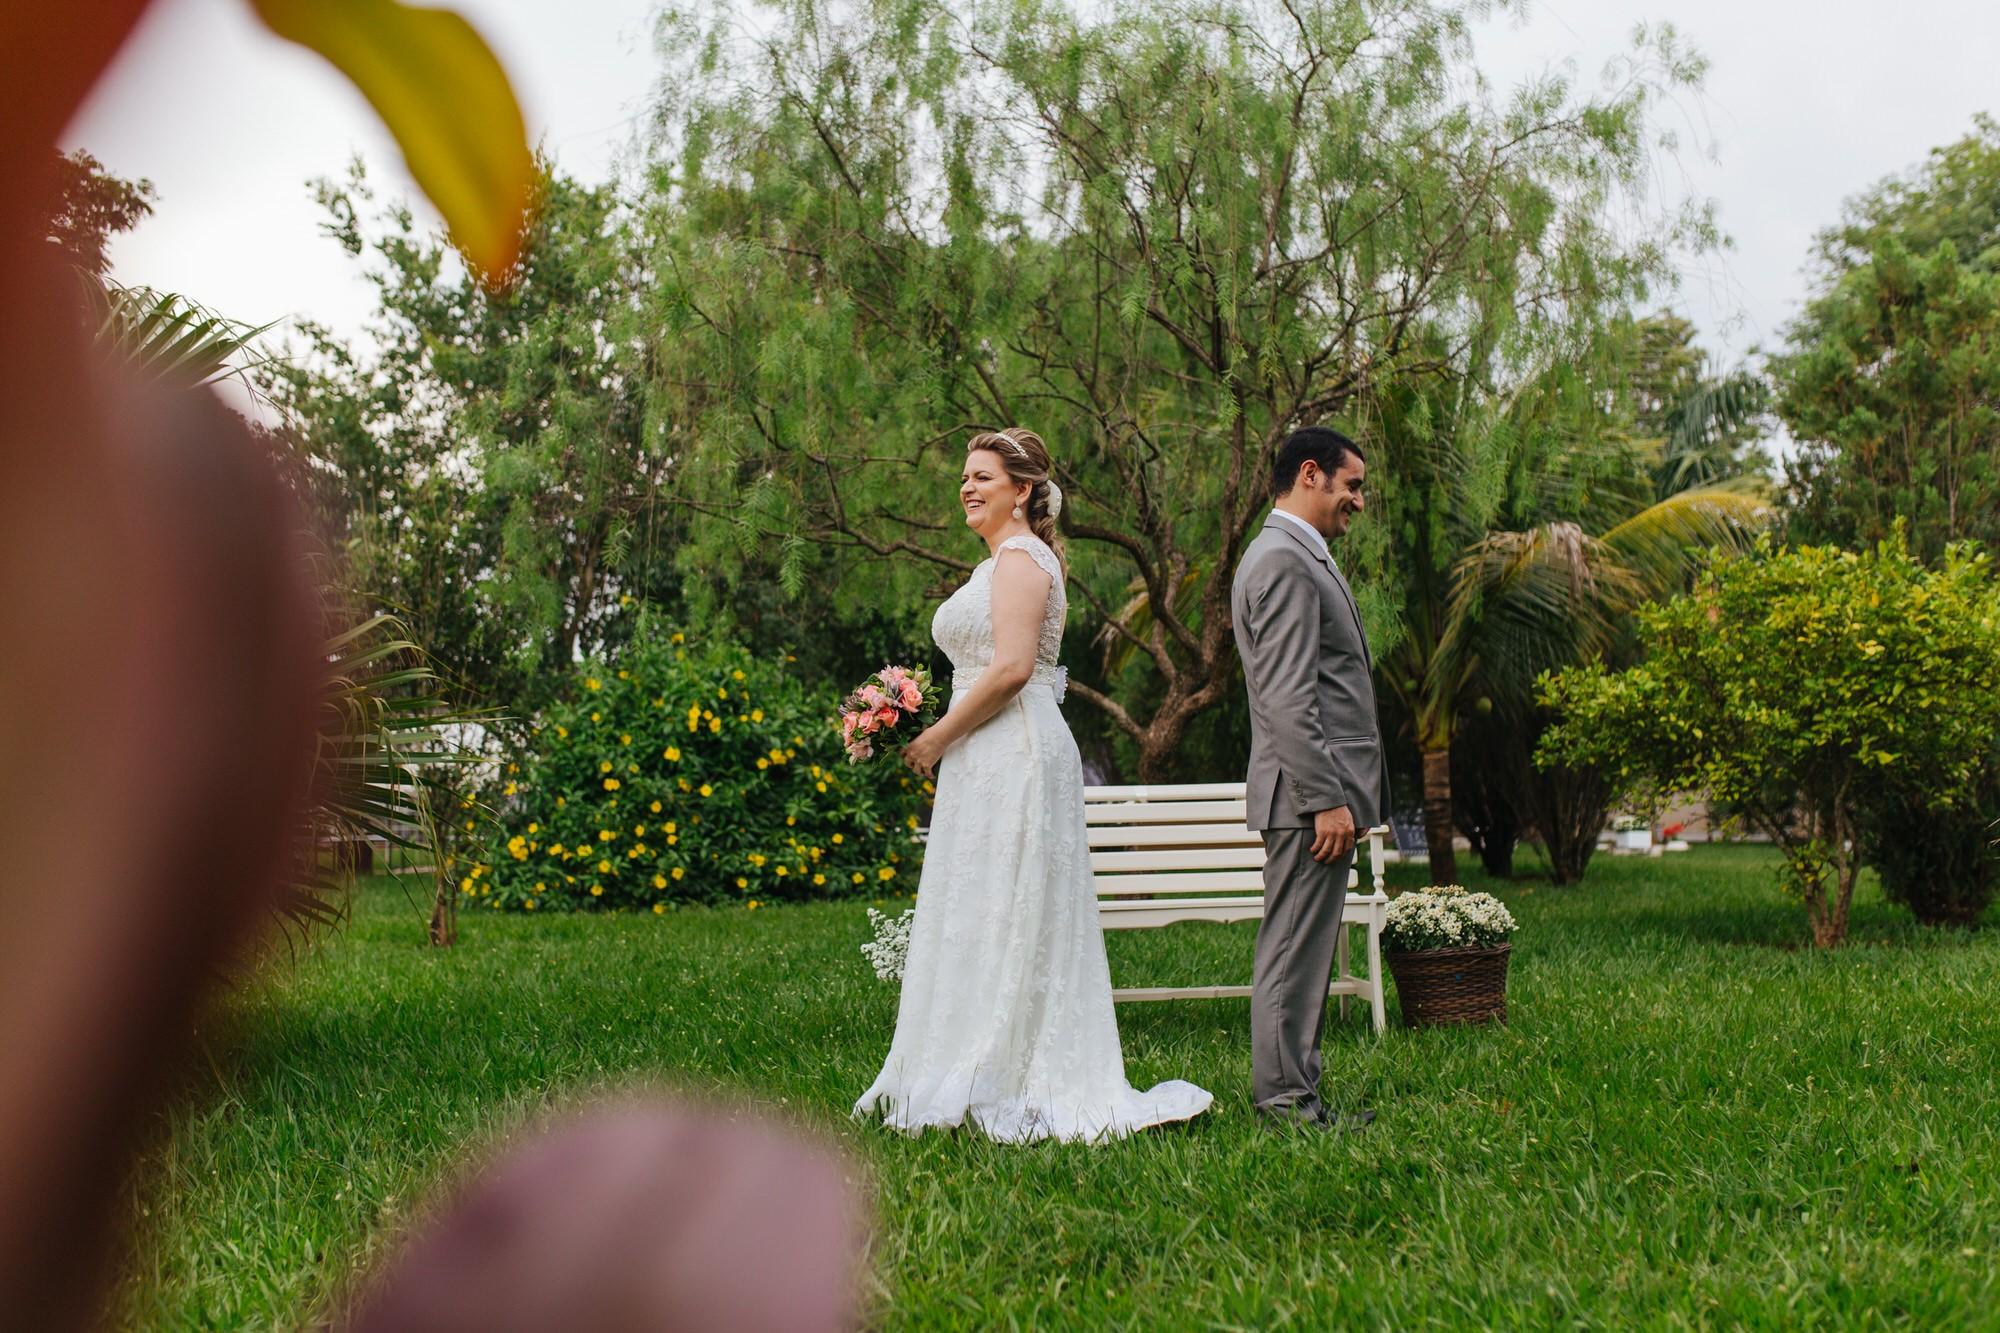 Fabio e Gisele - Casamento em Mundo Novo - MS por Lorran Souza e Léia Sotile - fotografo de casamentos - 00009